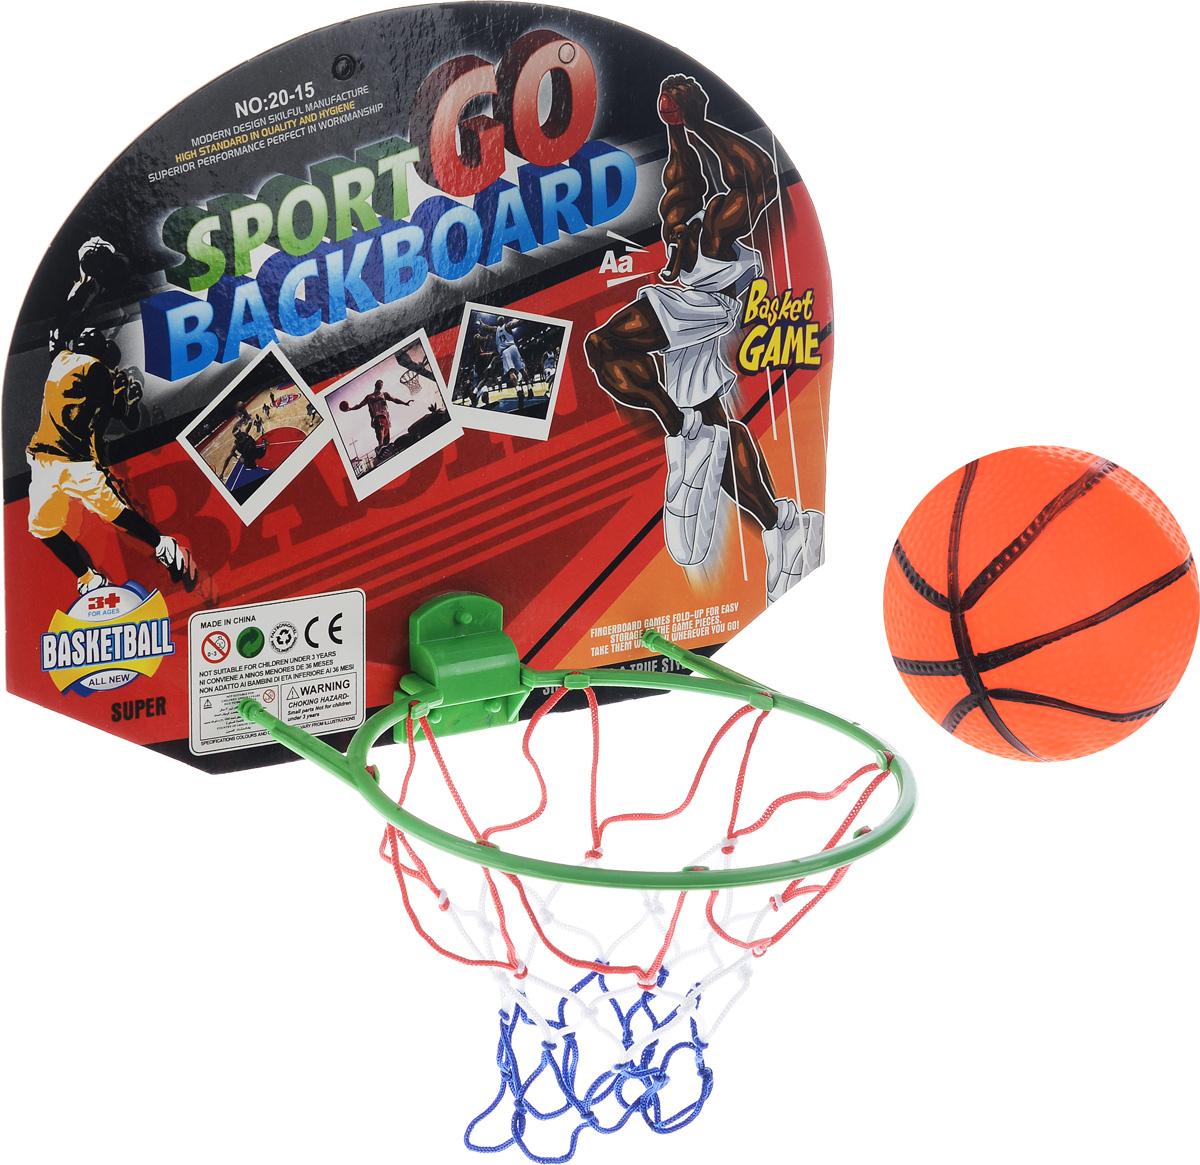 Набор для игры в баскетбол Torres TX13103120335_navy/whiteНабор для игры в баскетбол Torres TX13103, выполненный из ПВХ, текстиля и картона, состоит из корзины с сеткой и щитом, маленького резинового мячика, выполненного в виде баскетбольного и двух двусторонних клейких лент. Такой набор привлечет внимание каждого ребенка и станет отличным подарком юному любителю игр.Набор Torres TX13103 способствует развитию внимательности, ловкости и усидчивости, а также развивает любовь к спортивным играм.Размер щита: 38 х 27 см.Диаметр мяча: 10 см . Уважаемые клиенты!Обращаем ваше внимание на возможные изменения в цвете некоторых элементов набора. Поставка осуществляется в зависимости от наличия на складе.